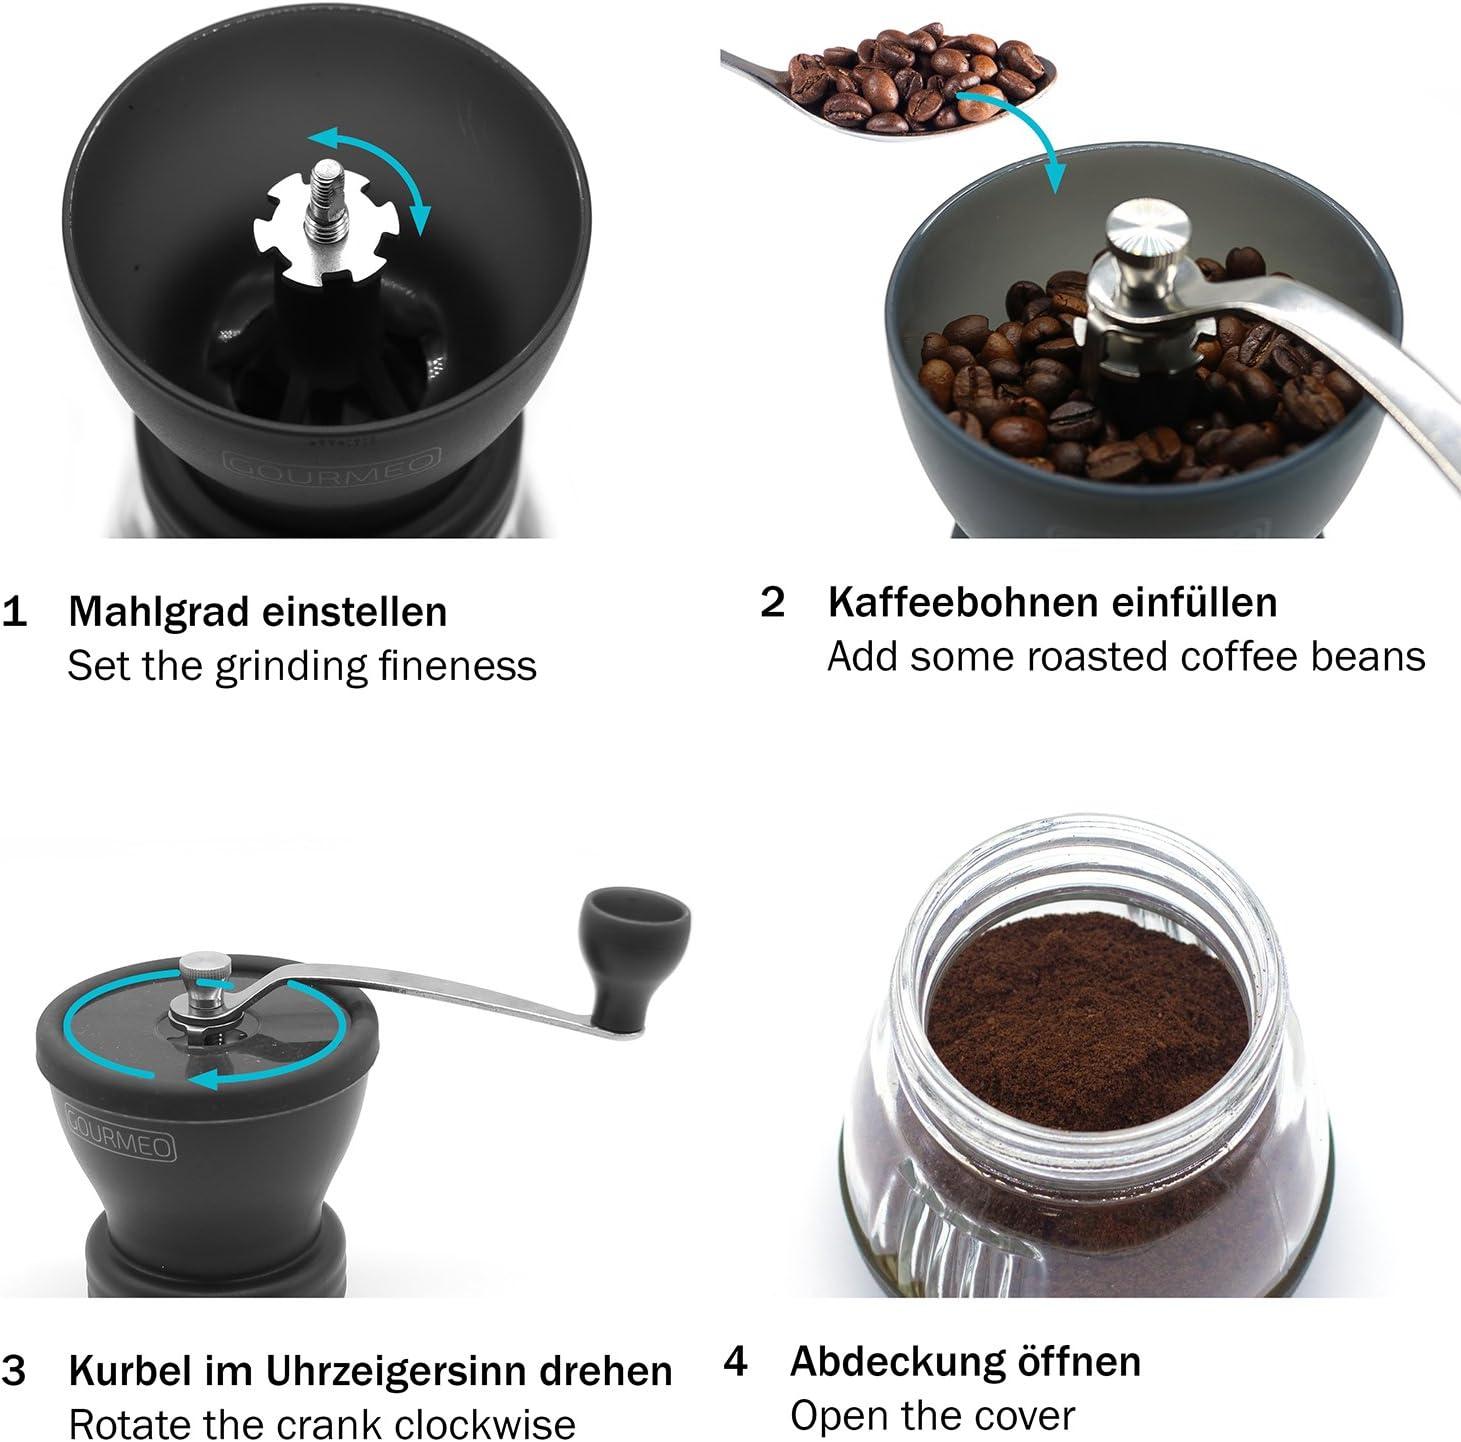 Manuelle Handkaffeemühle Mit Keramikmahlwerk Im JapanischenEspresso-Mühle